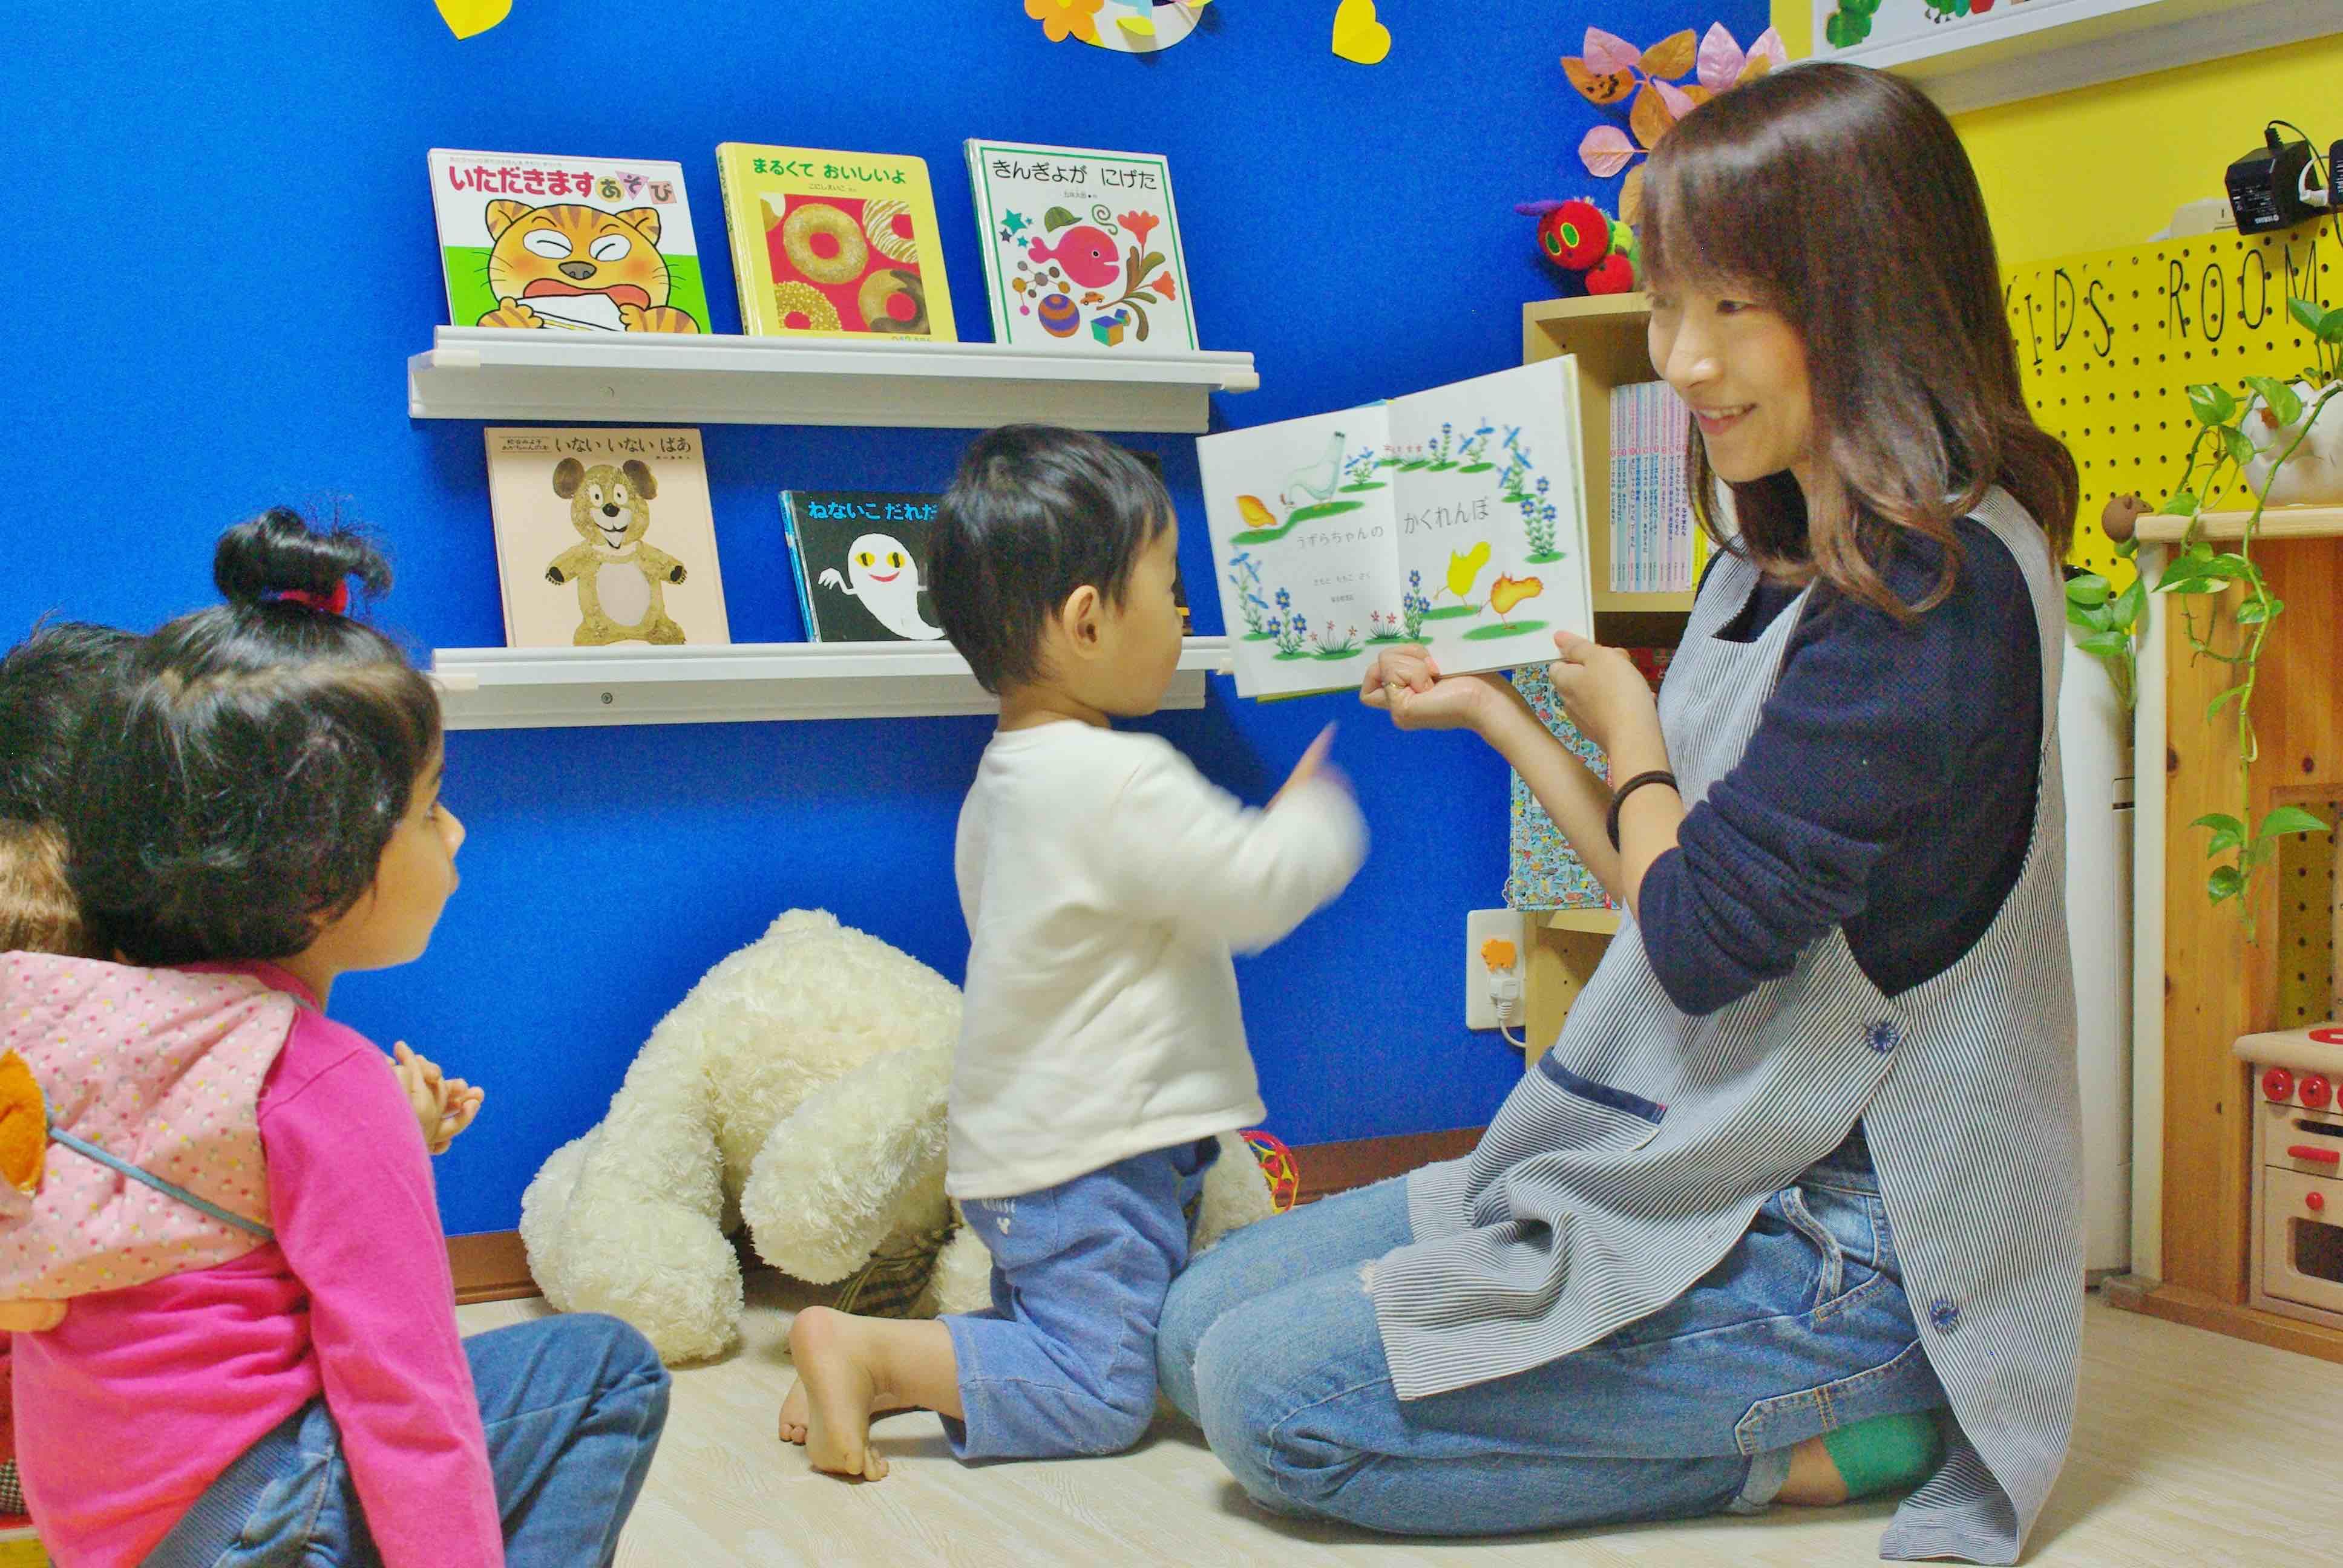 保育士、保育園経営者になるには? 藤沢市保育園「KIRA☆KIRA☆ROOM」園長・小林優歌さんインタビュー